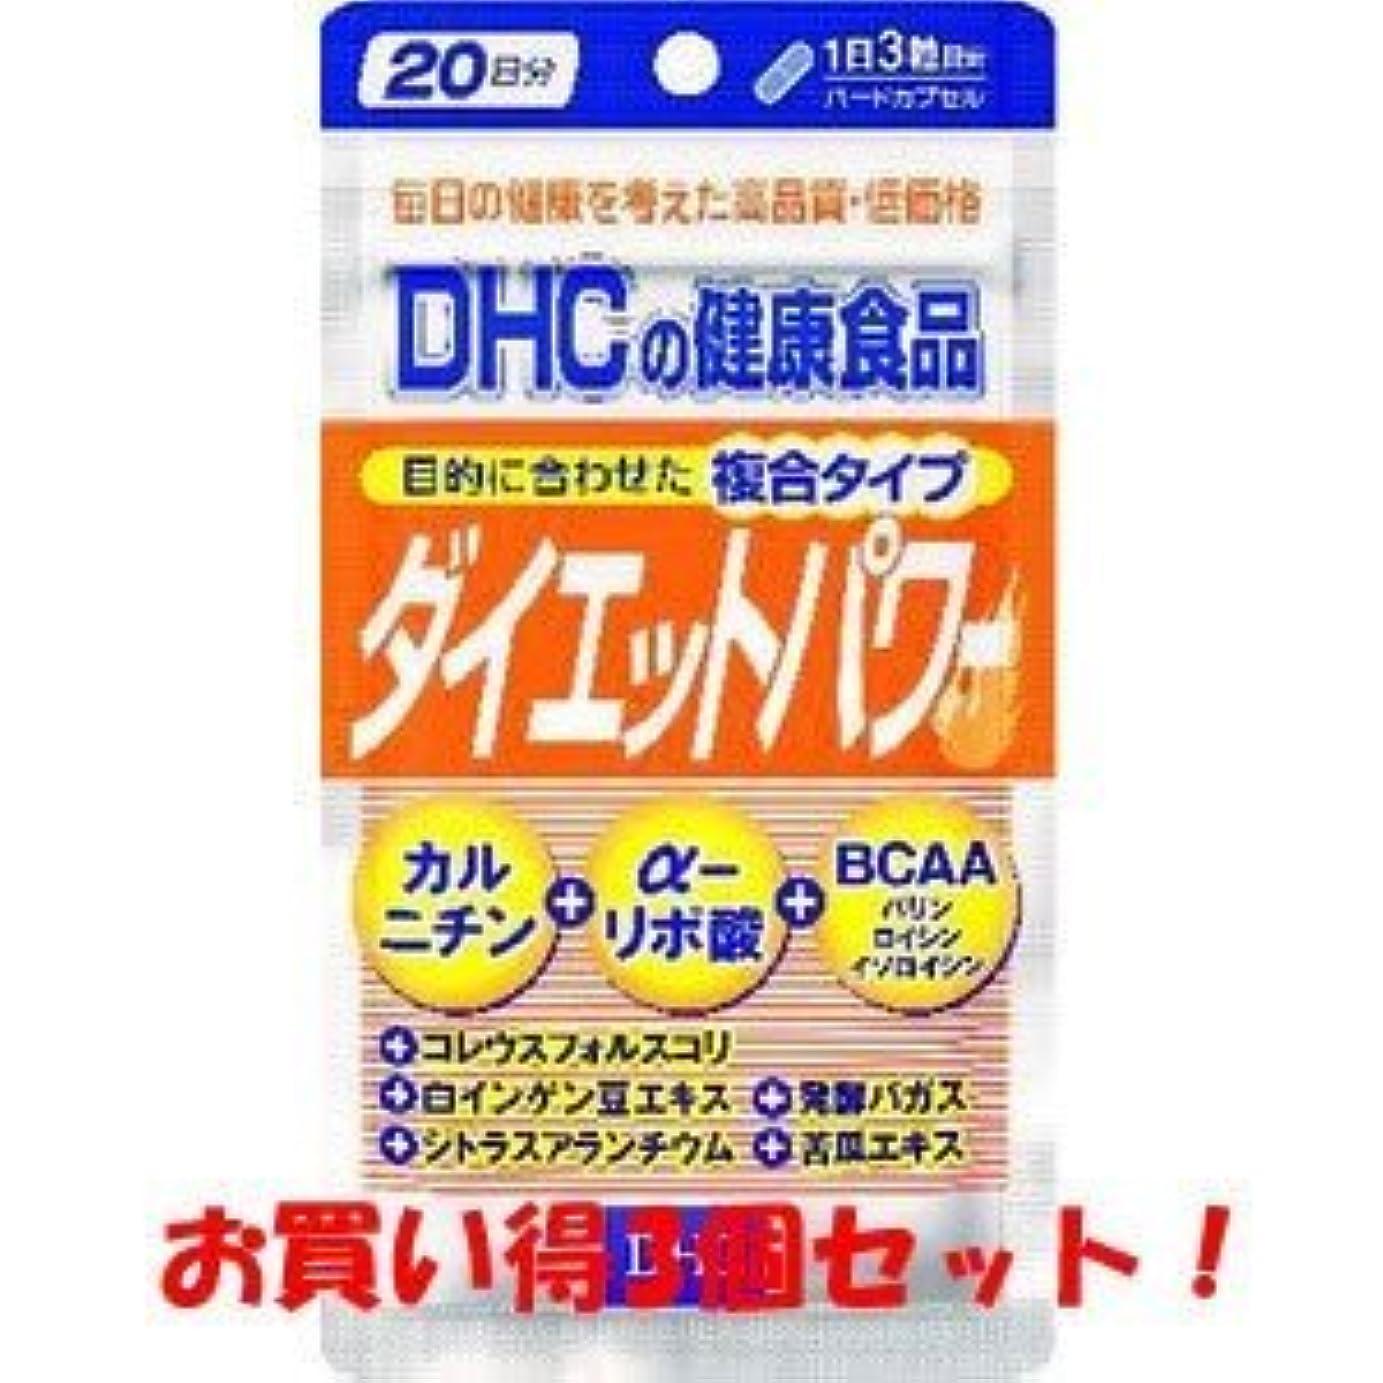 DHC ダイエットパワー20日分 60粒(お買い得3個セット)